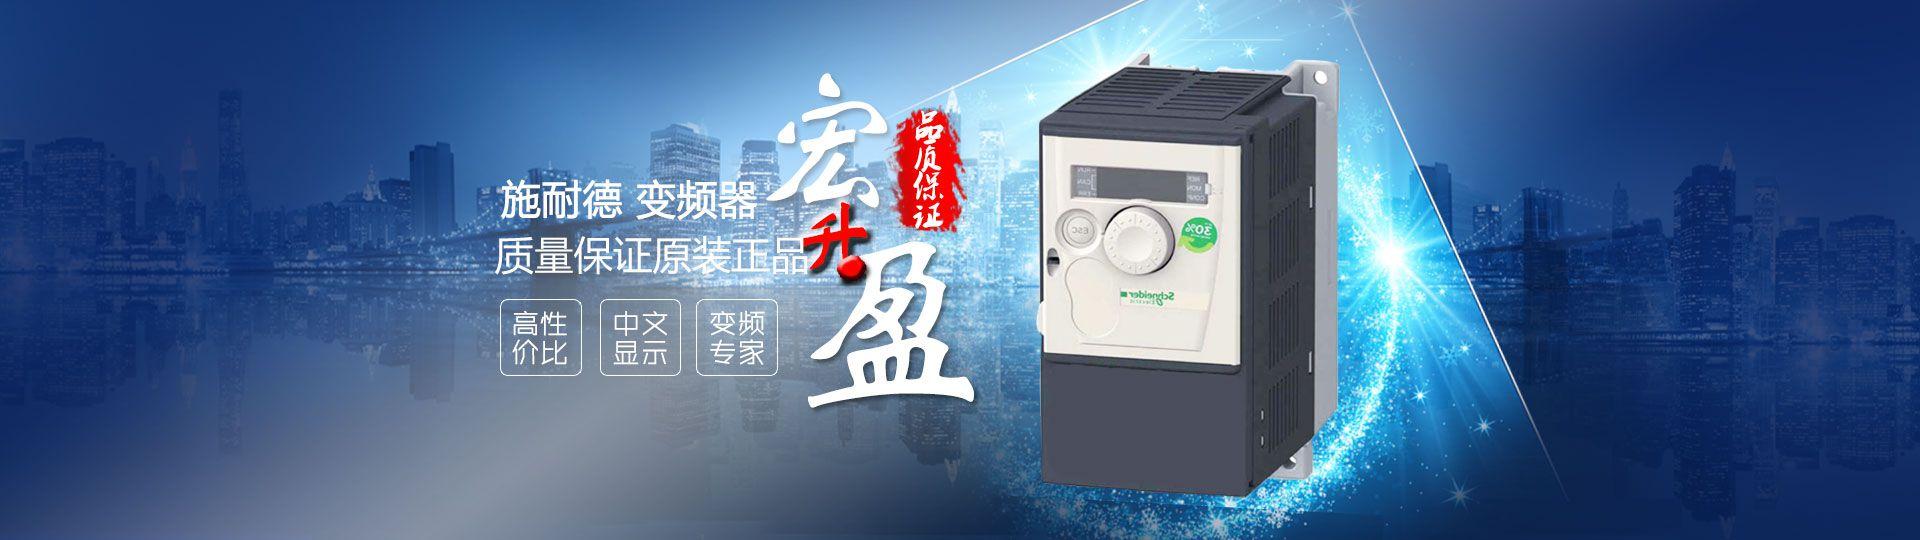 深圳市宏升盈机电工程有限公司